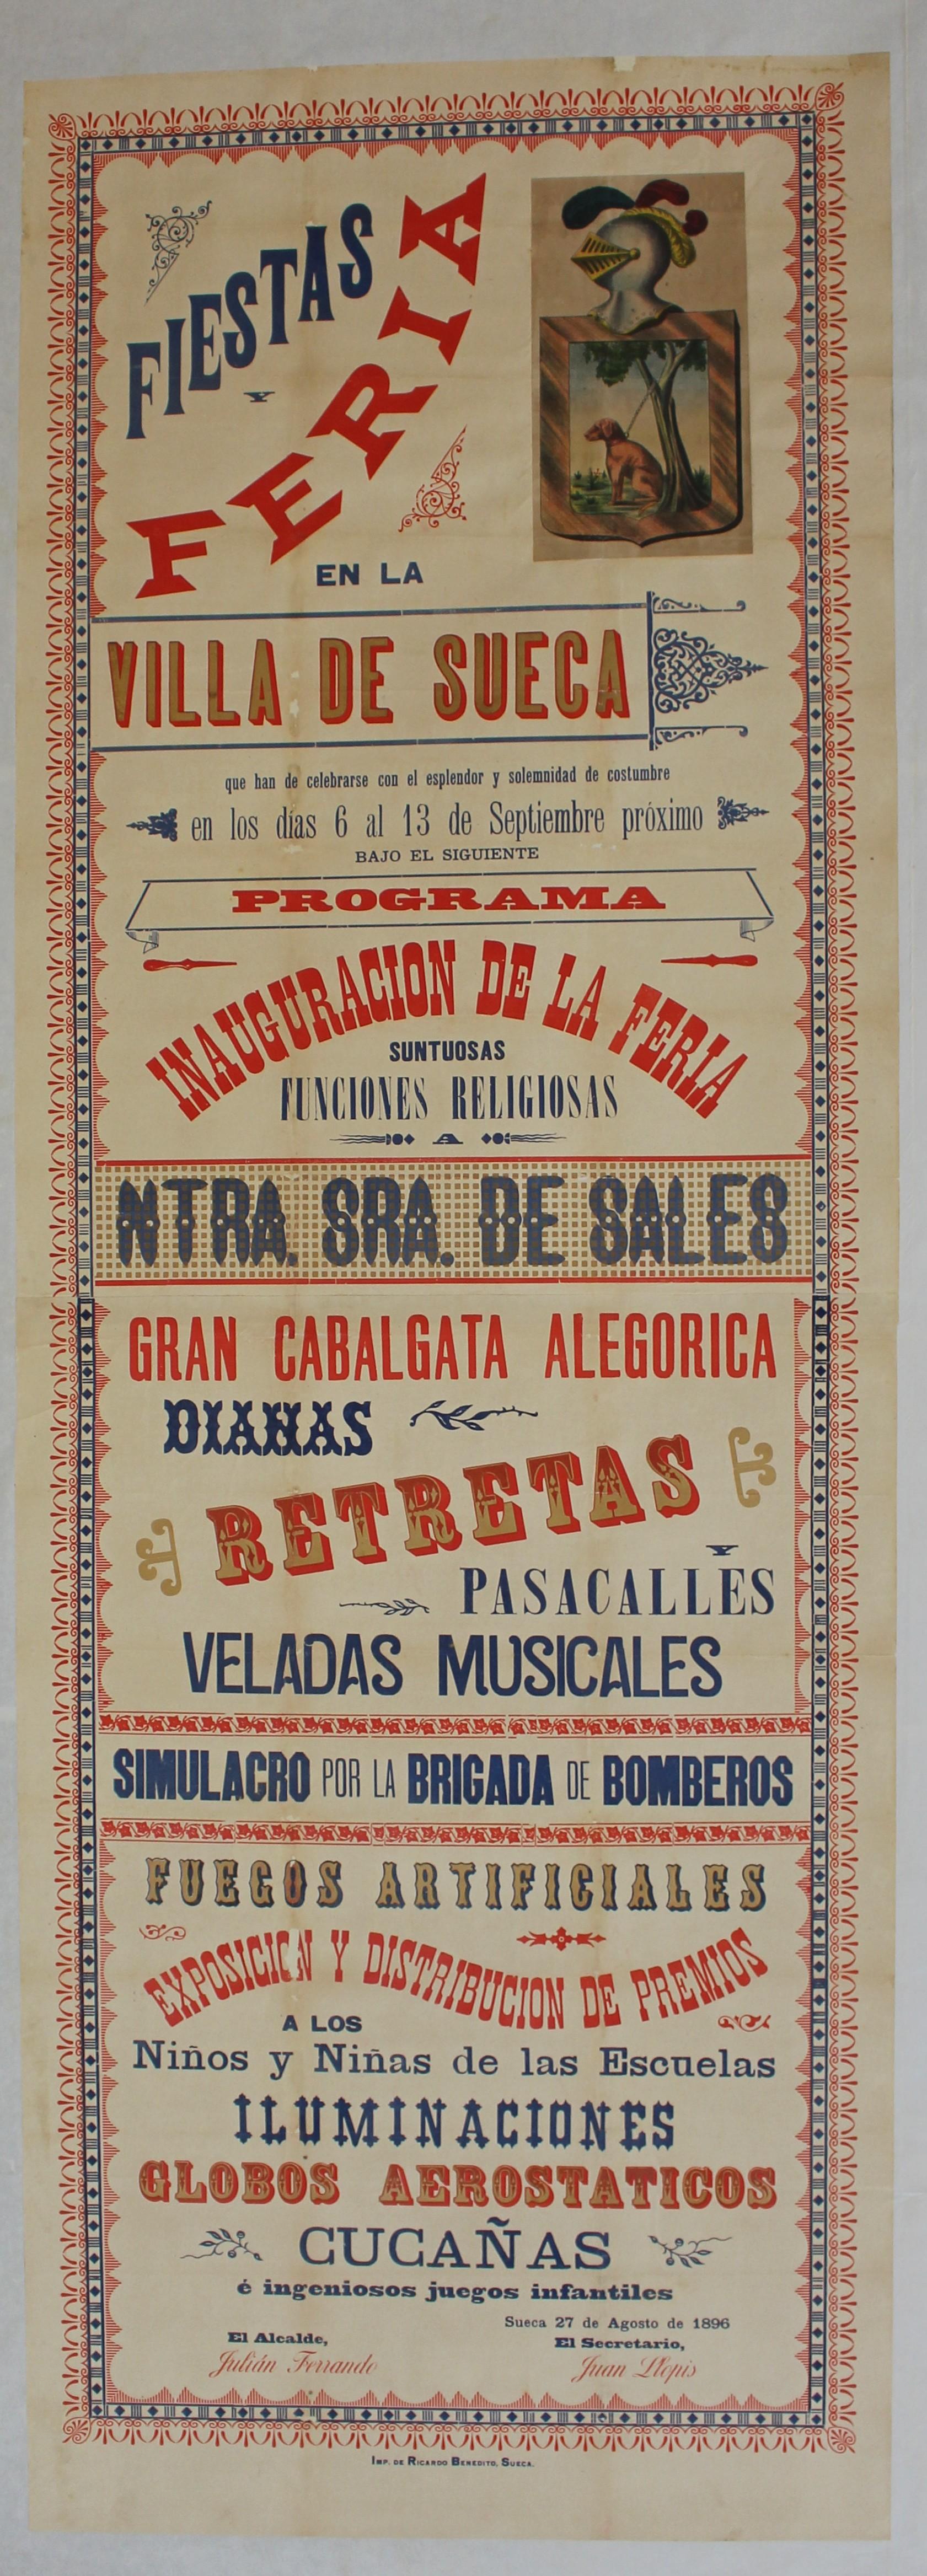 Cartell de 1896